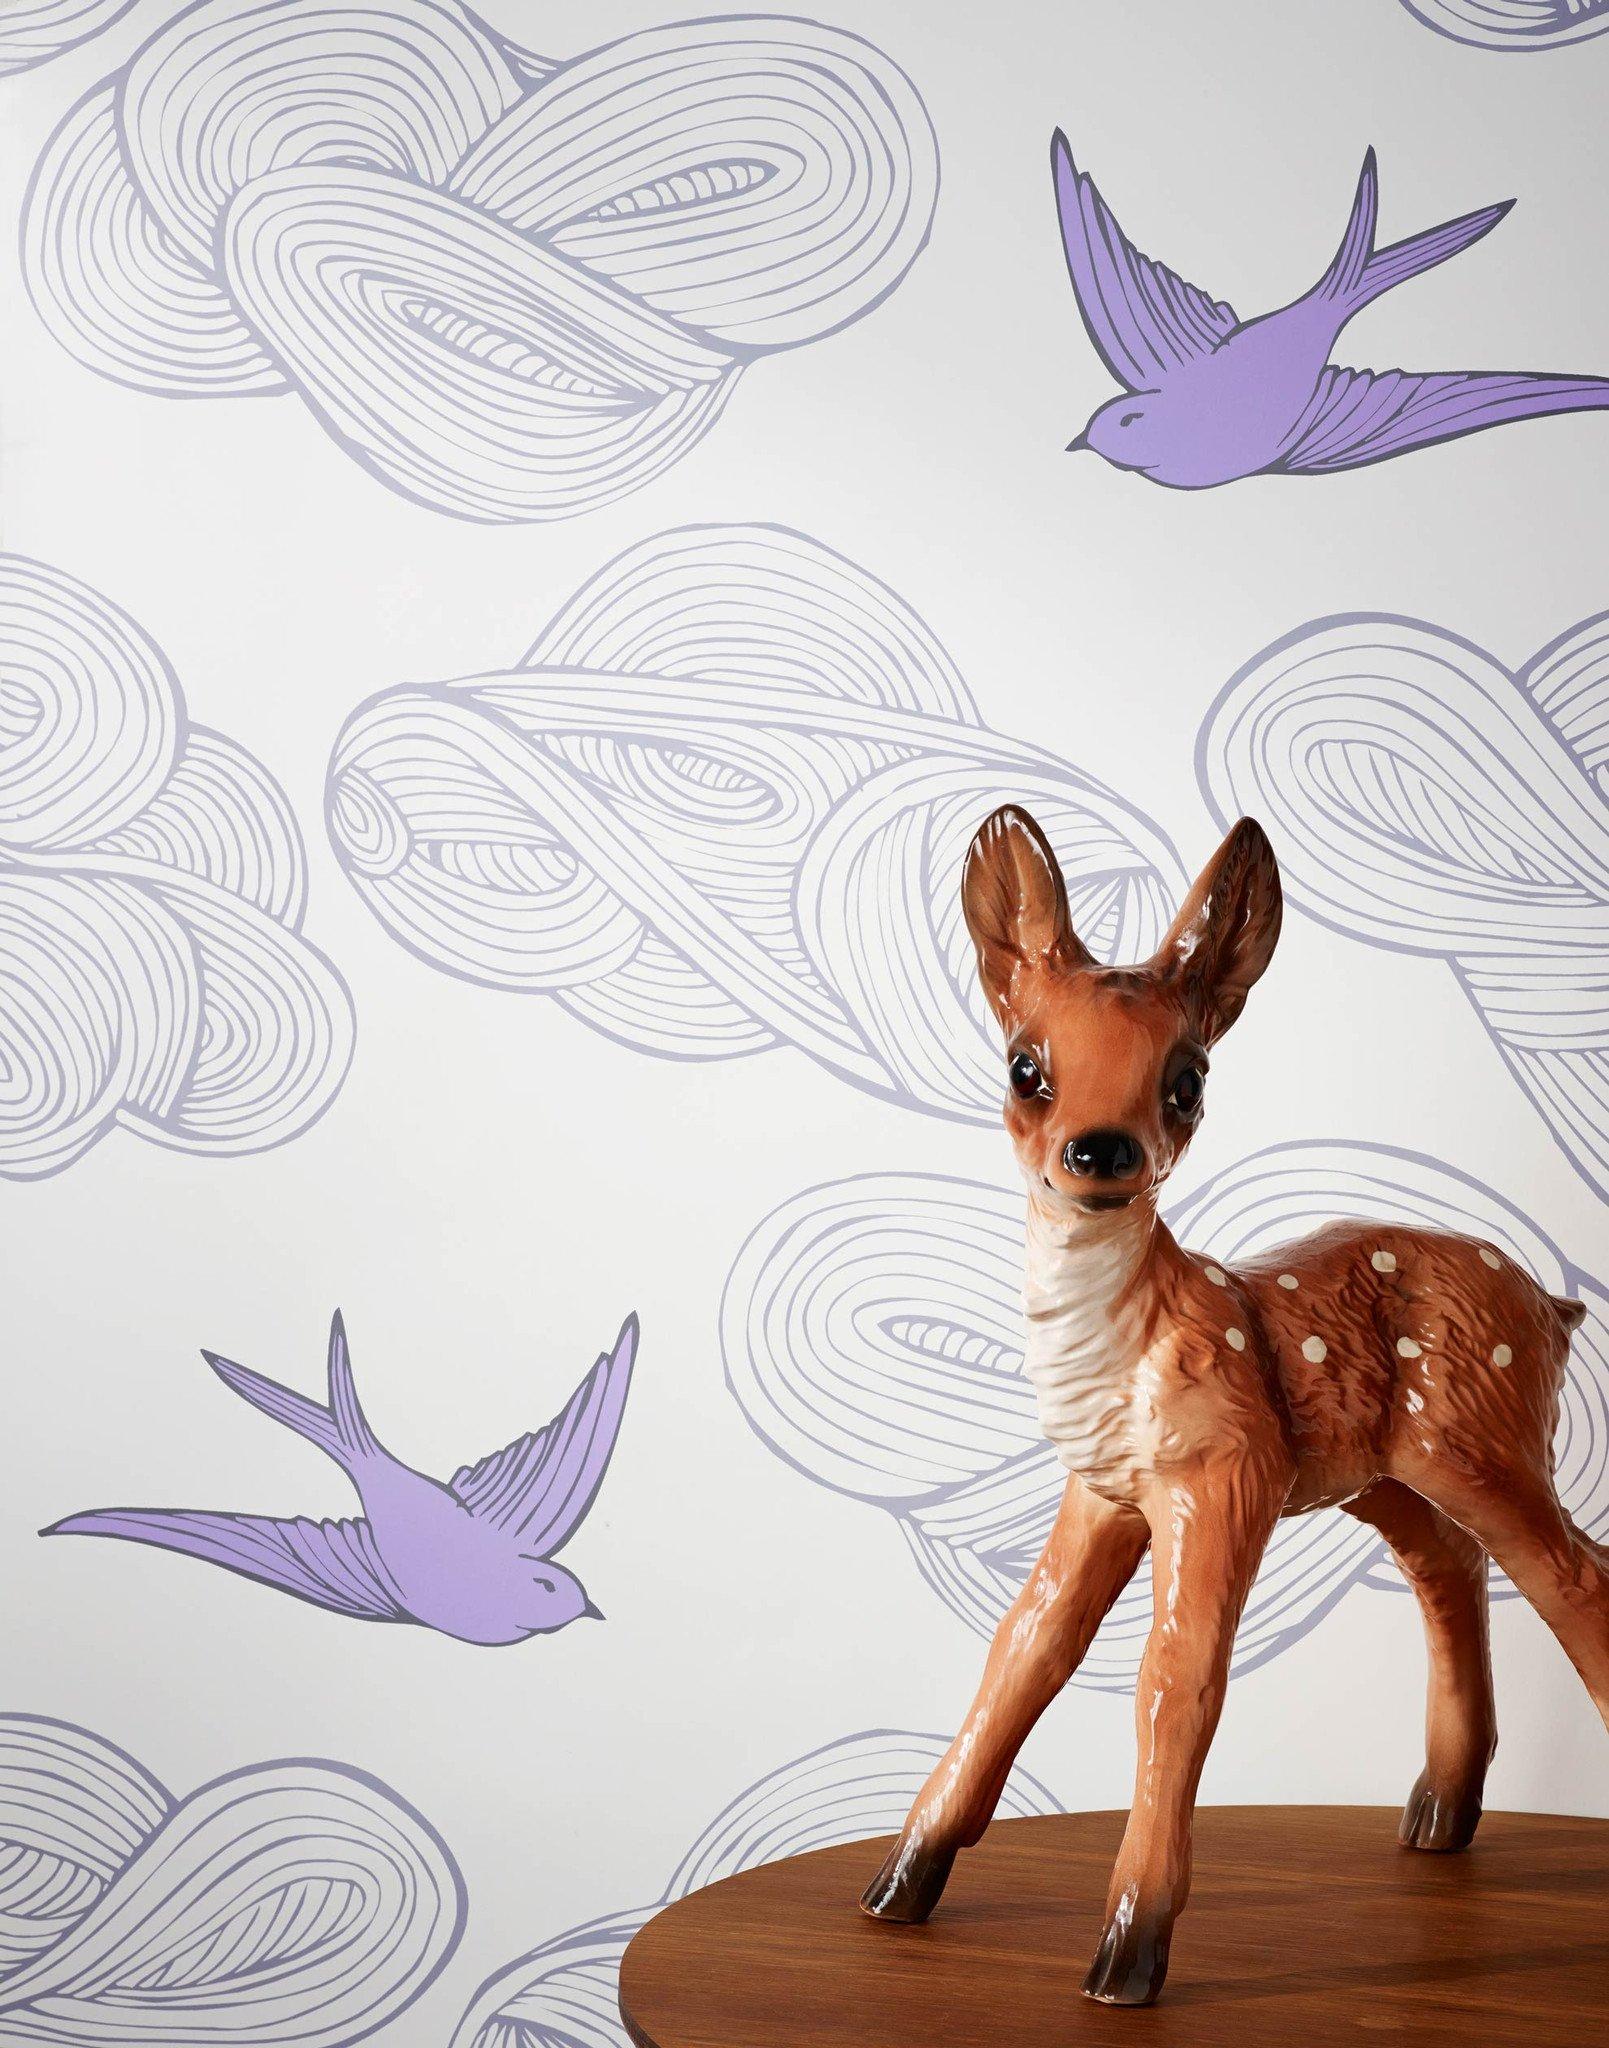 Drawn wallpaper daydream (Lilac) Daydream Hygge (Lilac) &